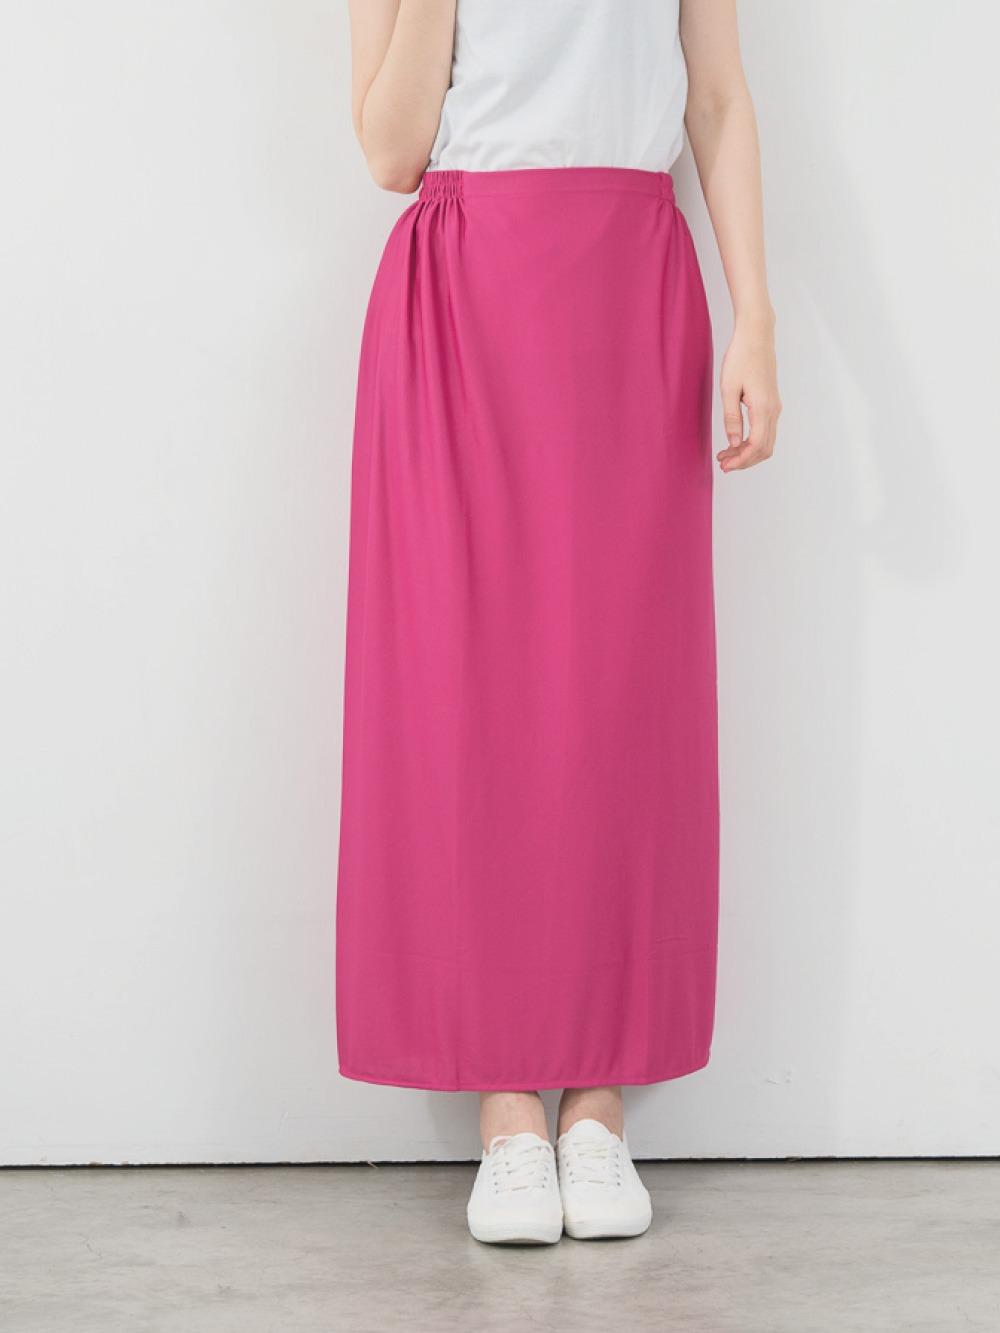 貝柔高透氣防曬遮陽裙-桃紅